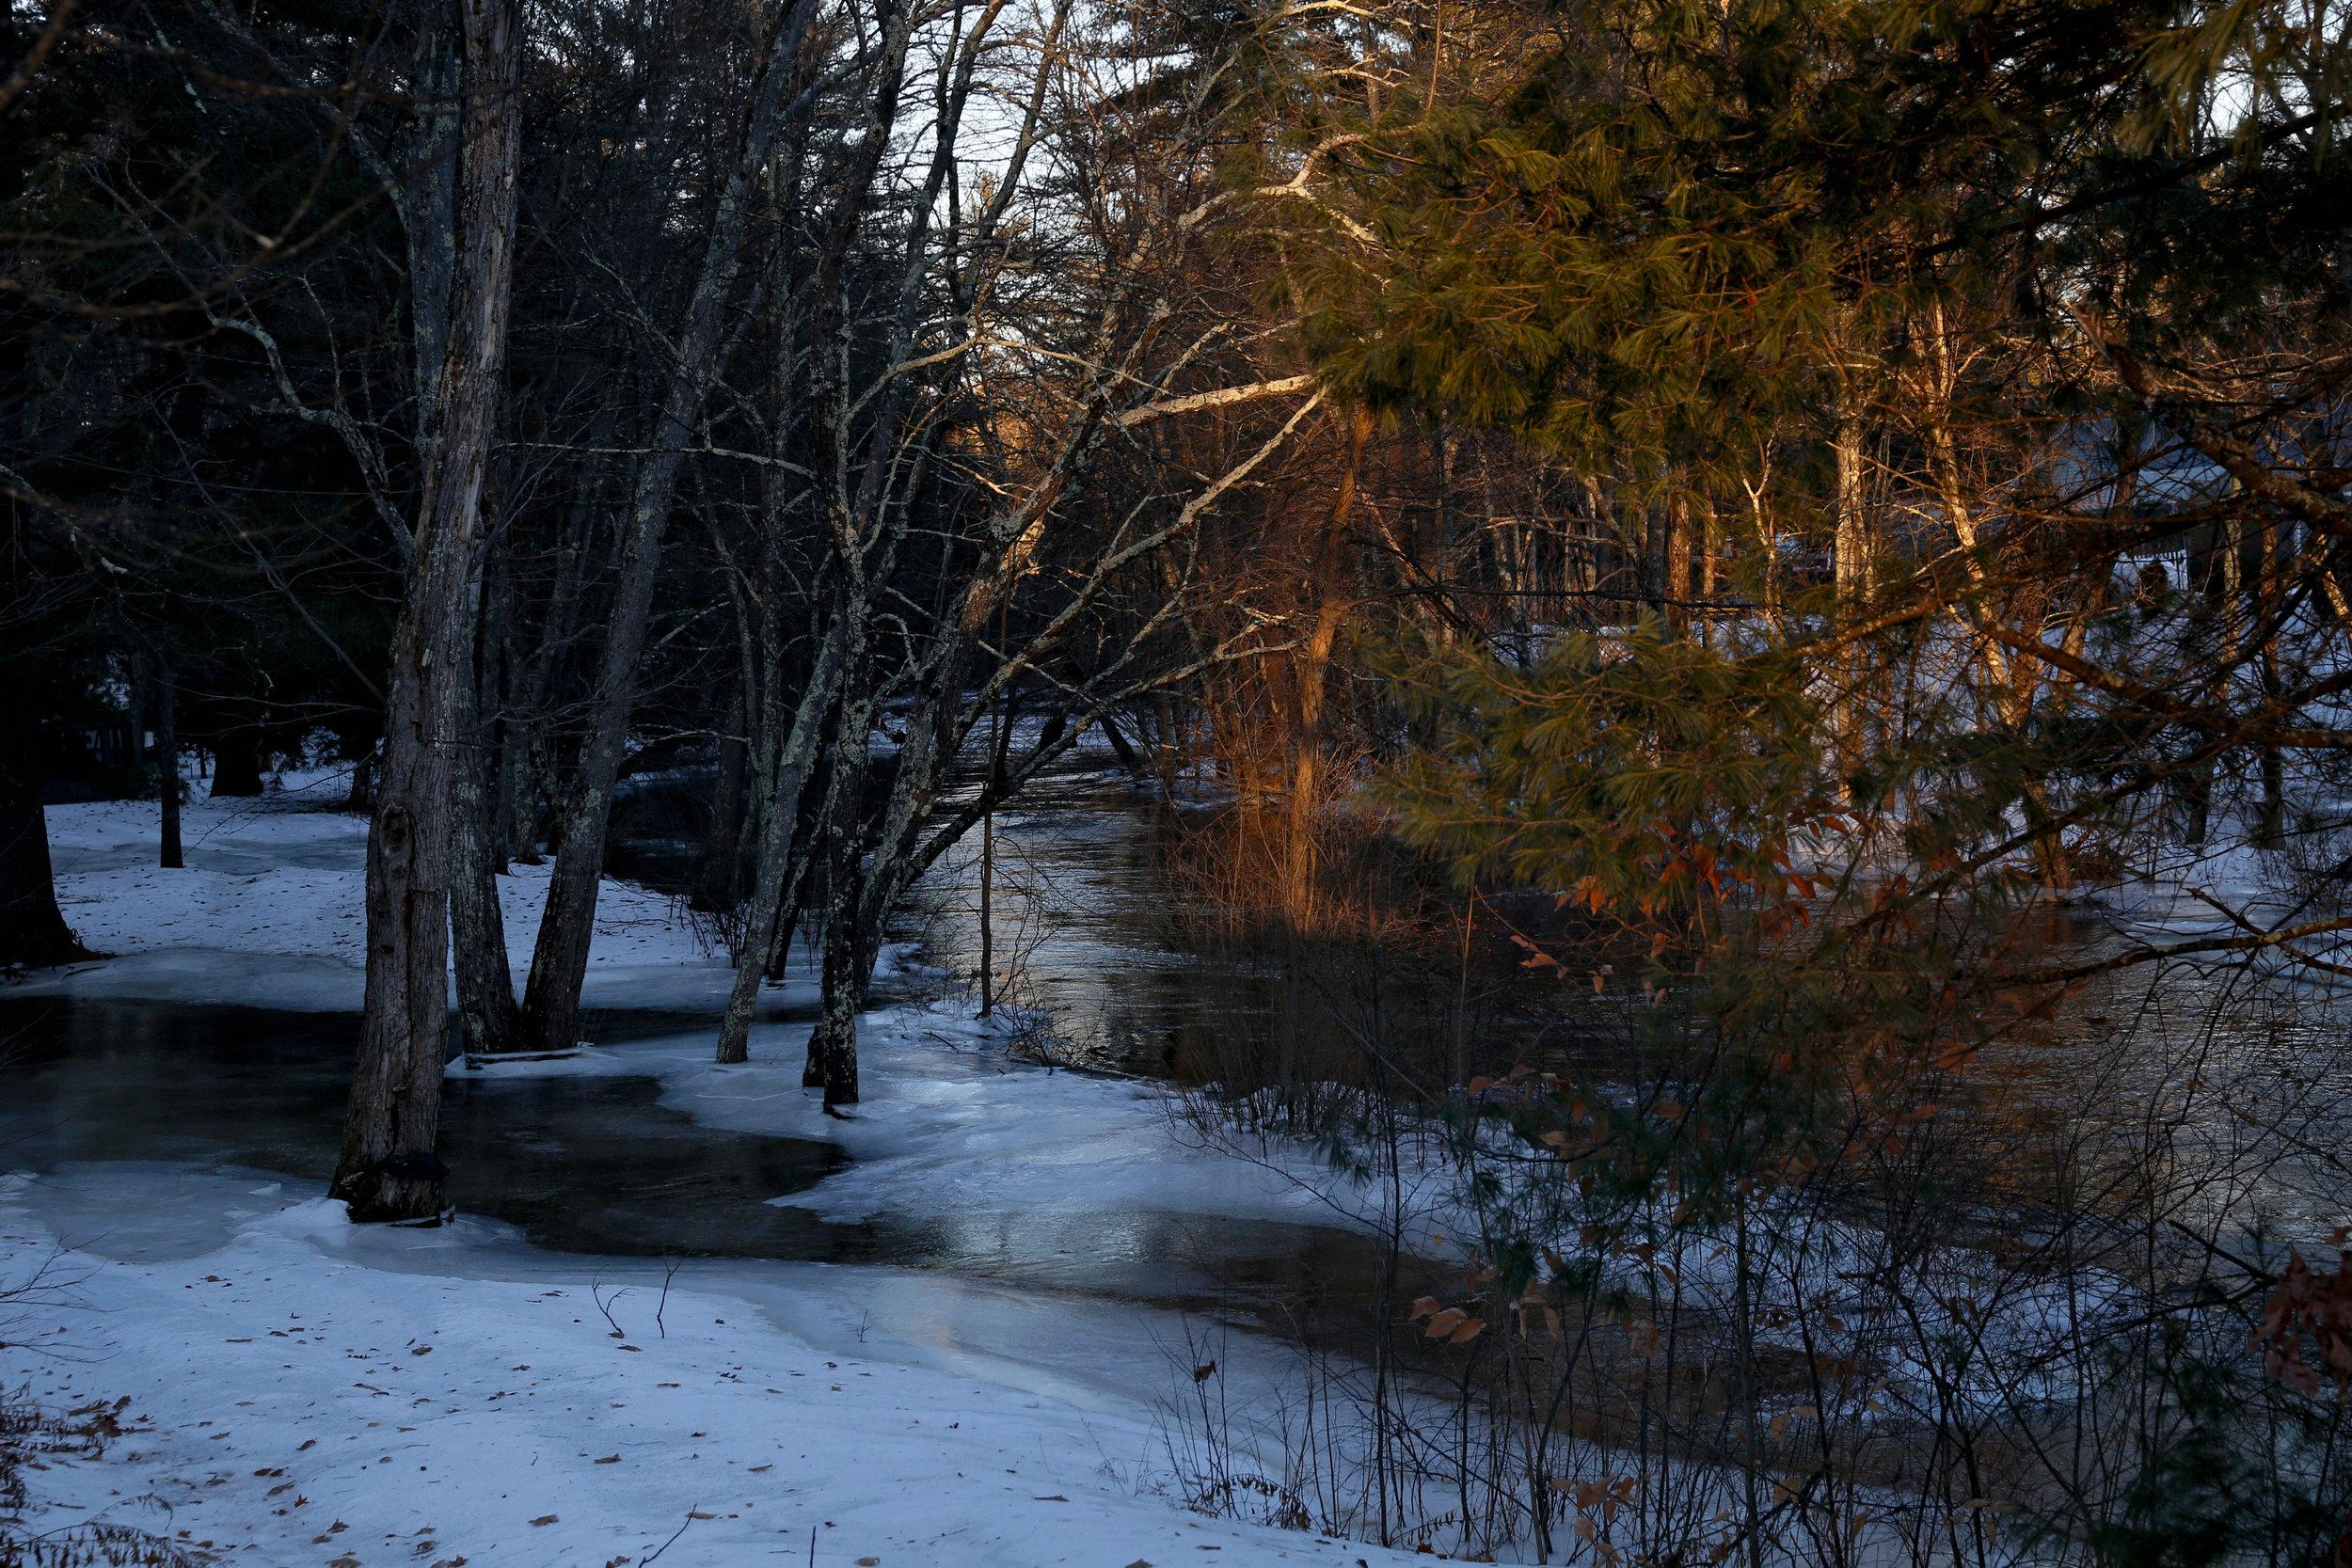 Winter river, 2018